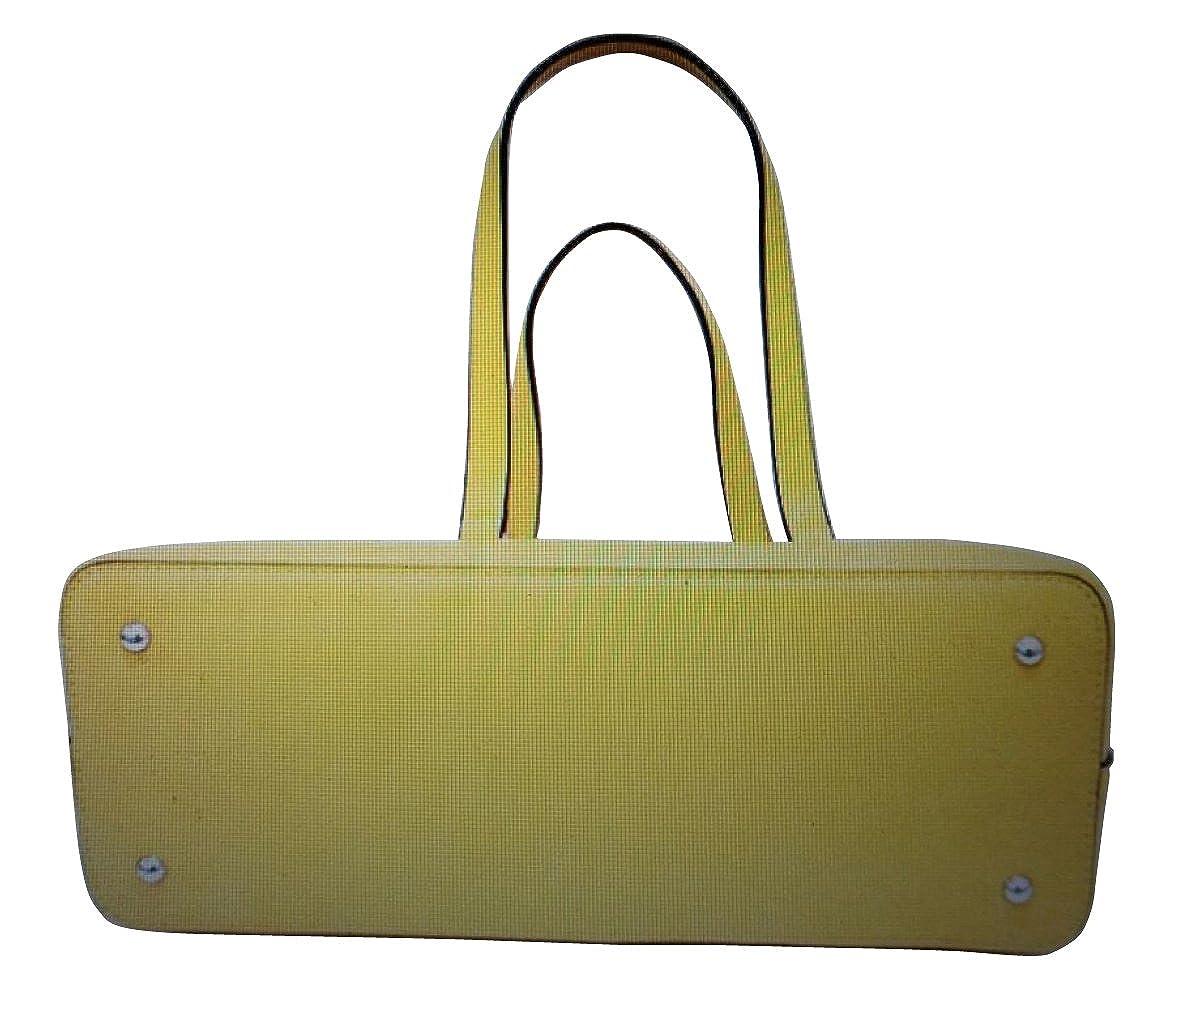 Lauren Ralph Lauren Handbags  Handbags  Amazon.com ea5efaa3d680b